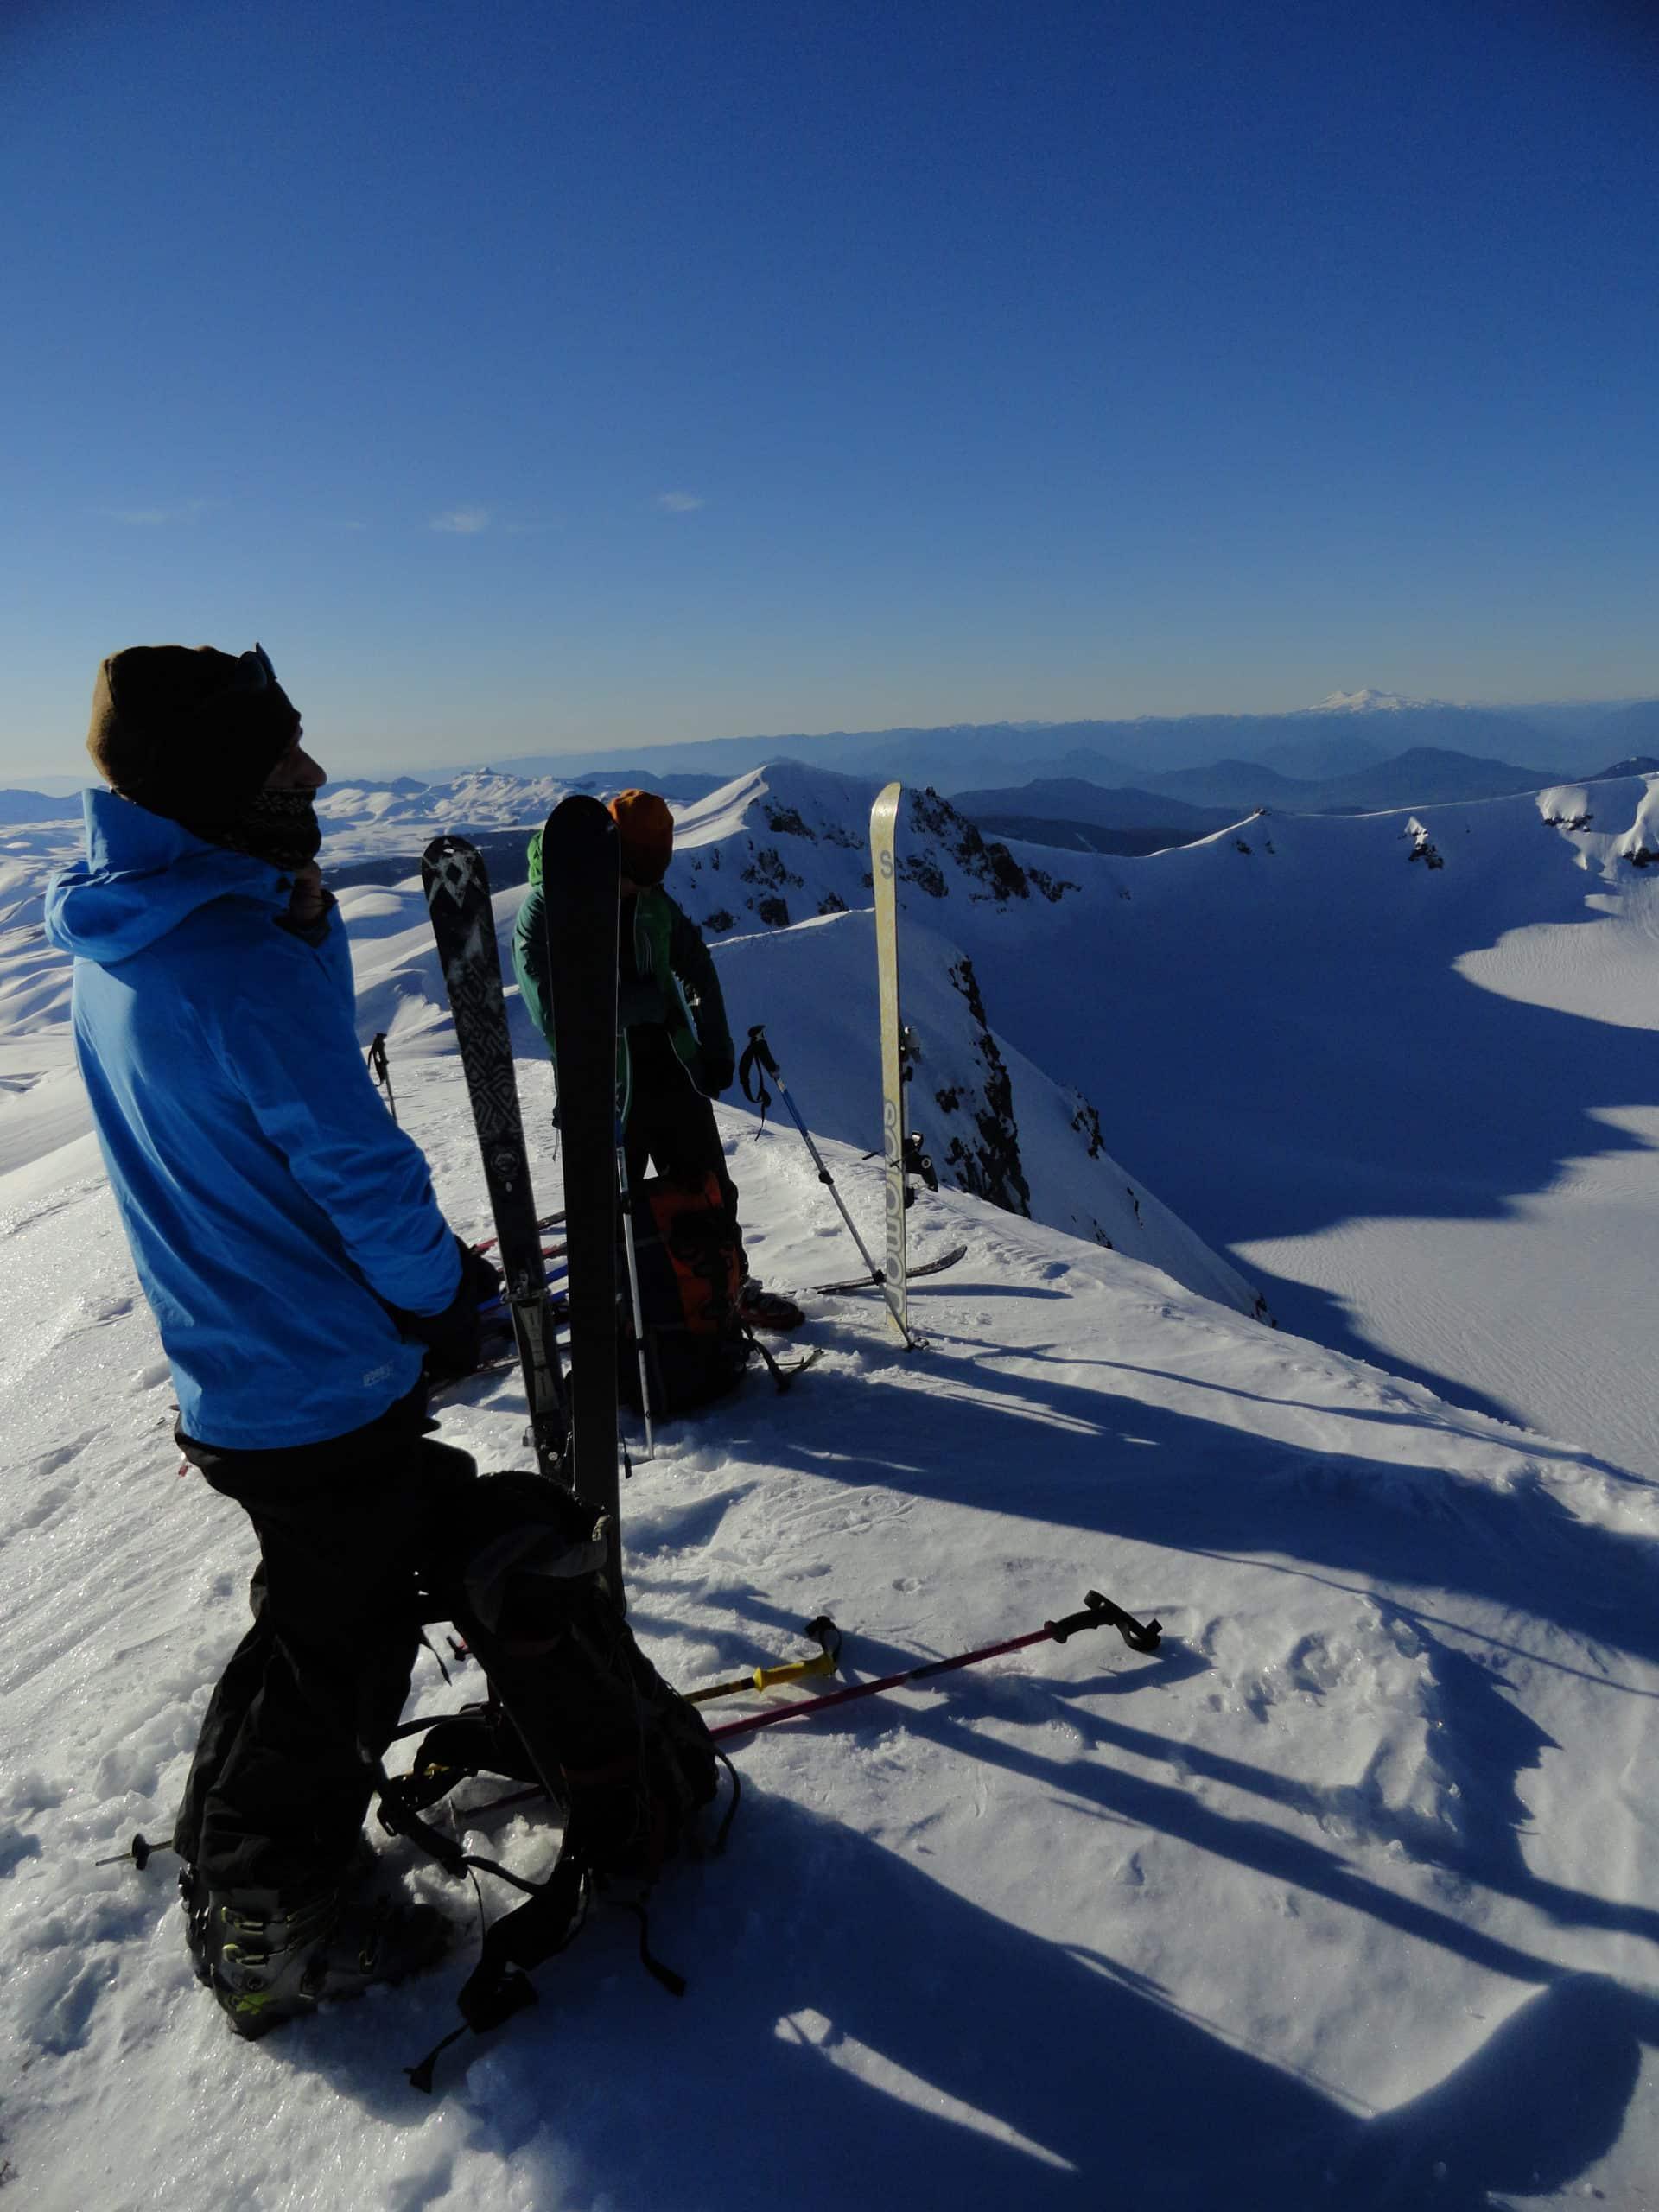 Day Ski trip around Bariloche, in North Patagonia